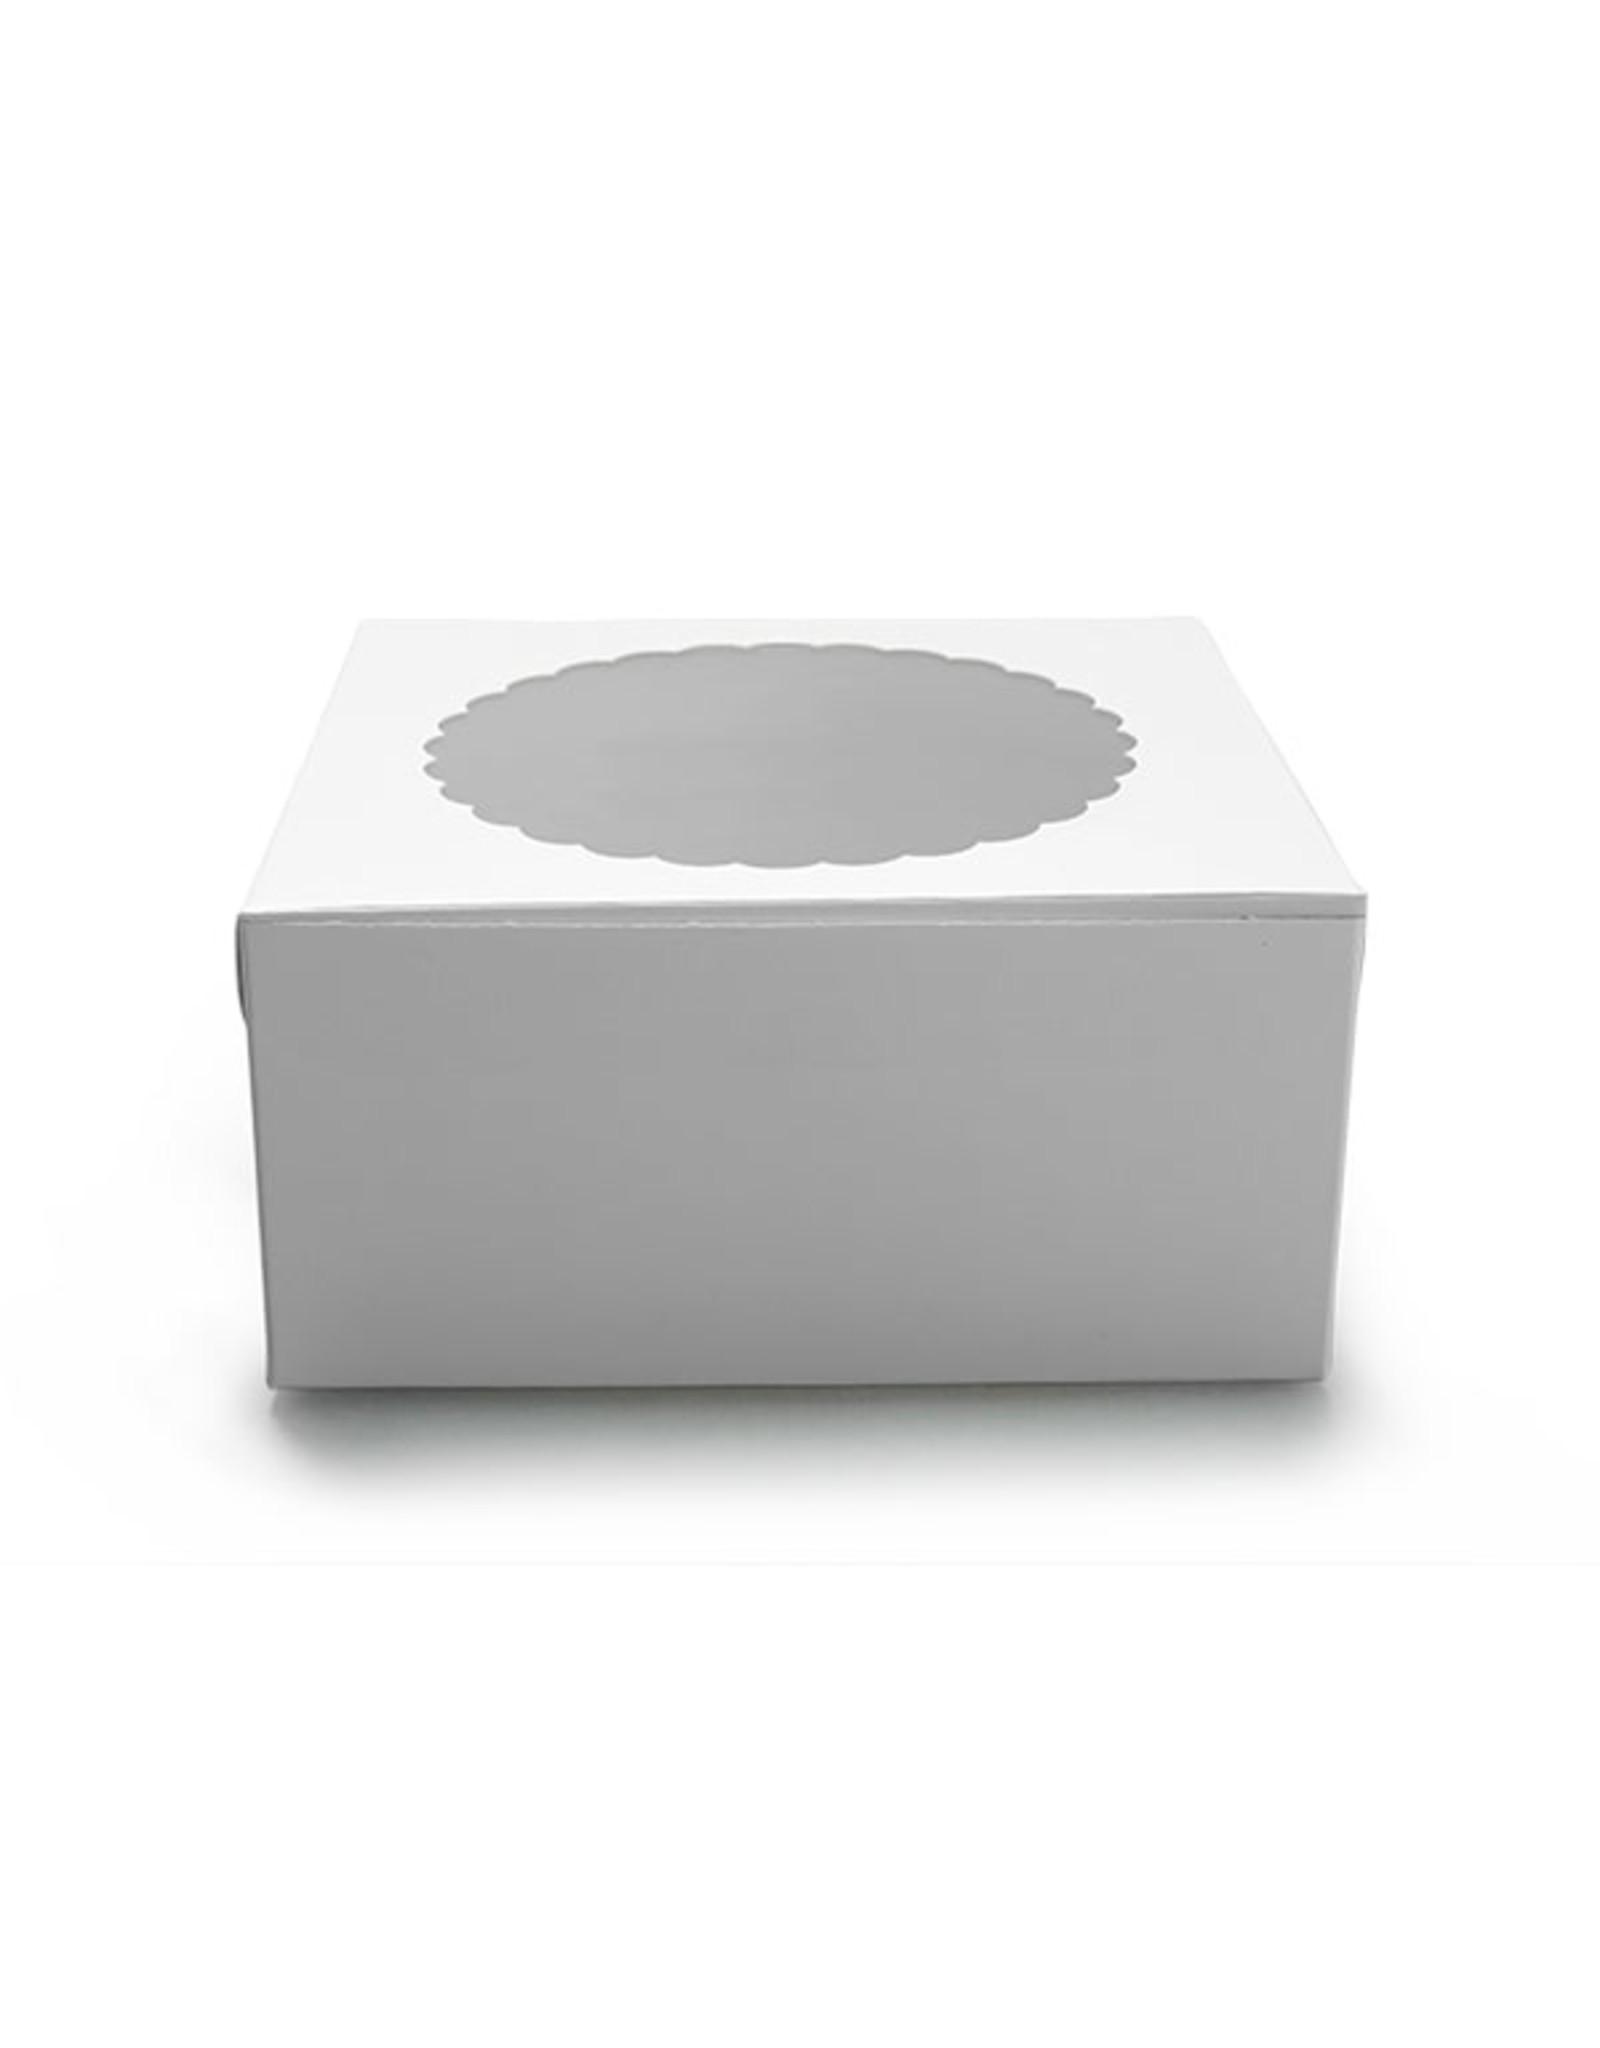 Witte taartdoos met venster - 203 x 203 x 127 mm (per 10 stuks)